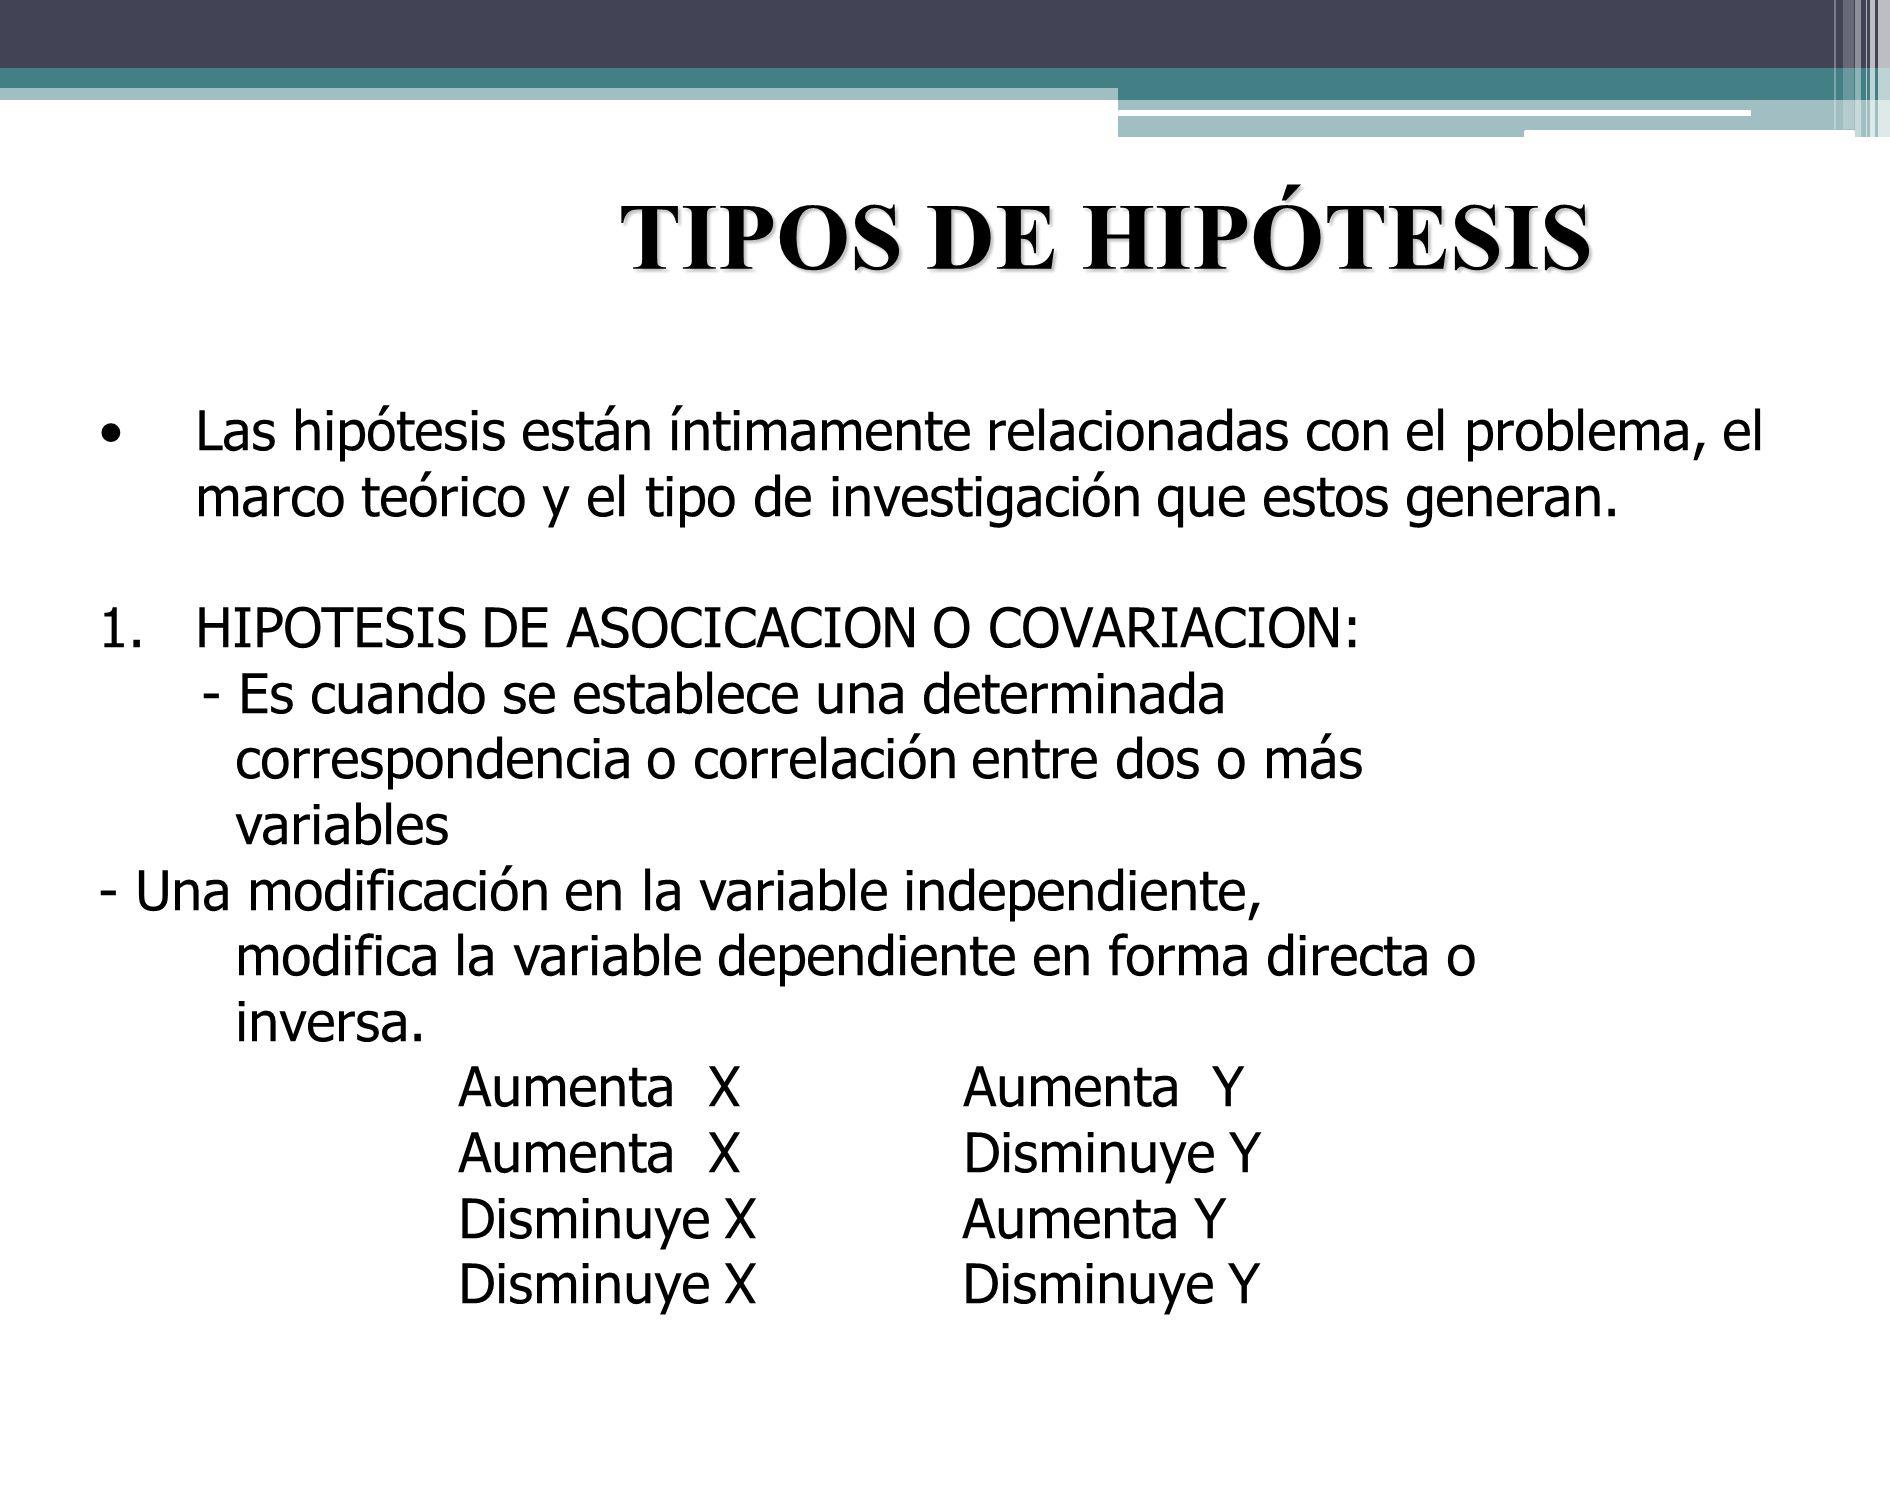 TIPOS DE HIPÓTESIS Las hipótesis están íntimamente relacionadas con el problema, el marco teórico y el tipo de investigación que estos generan.